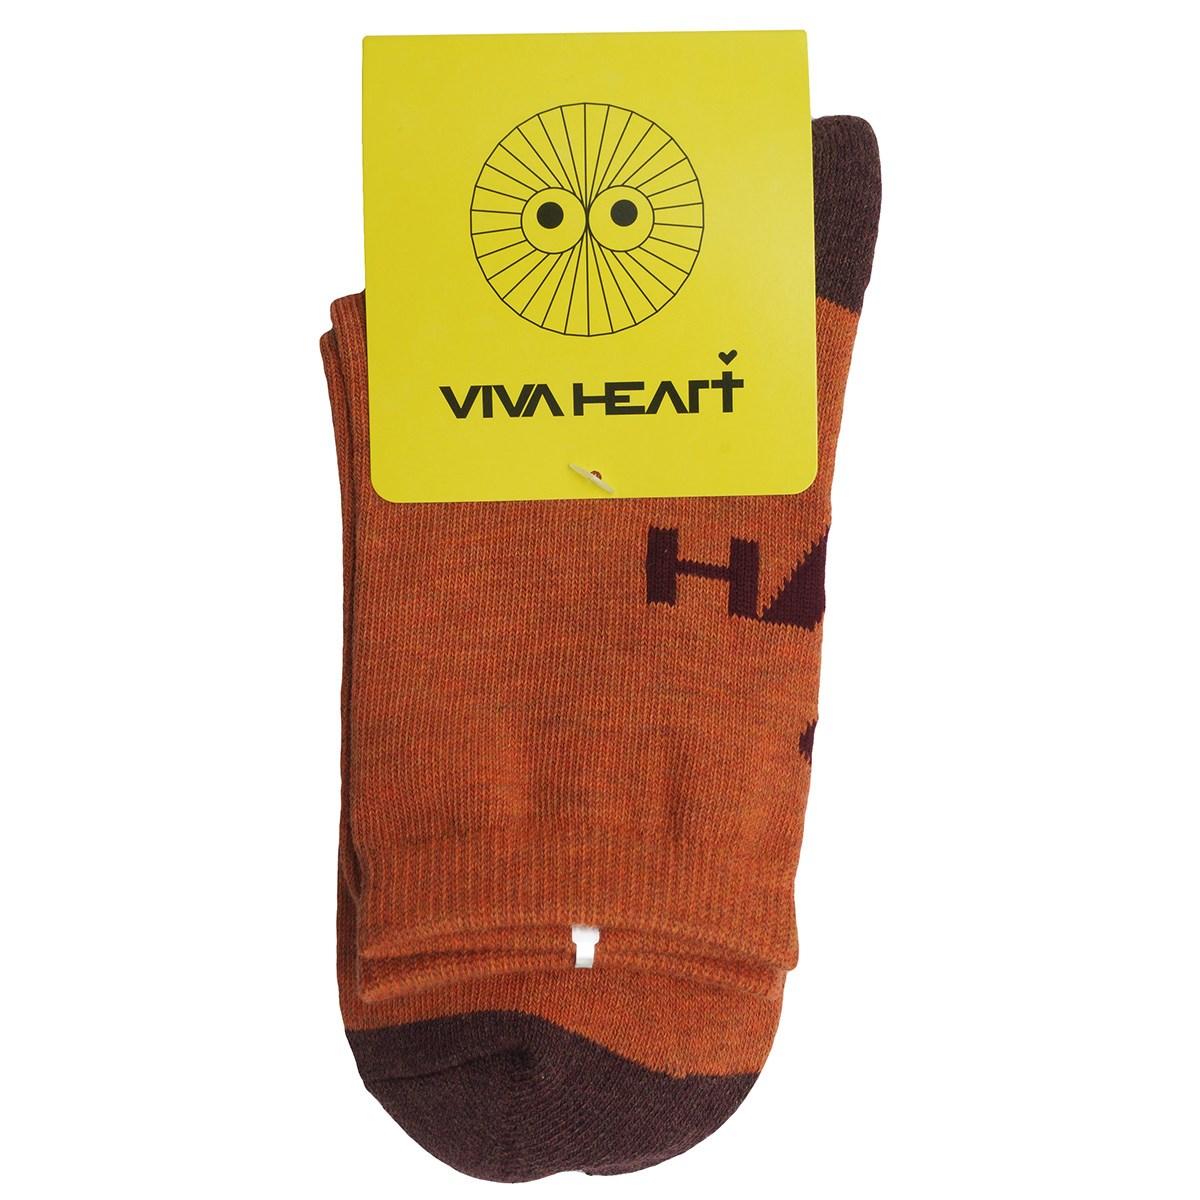 ビバハート VIVA HEART レギュラーソックス フリー オレンジ 035 レディス